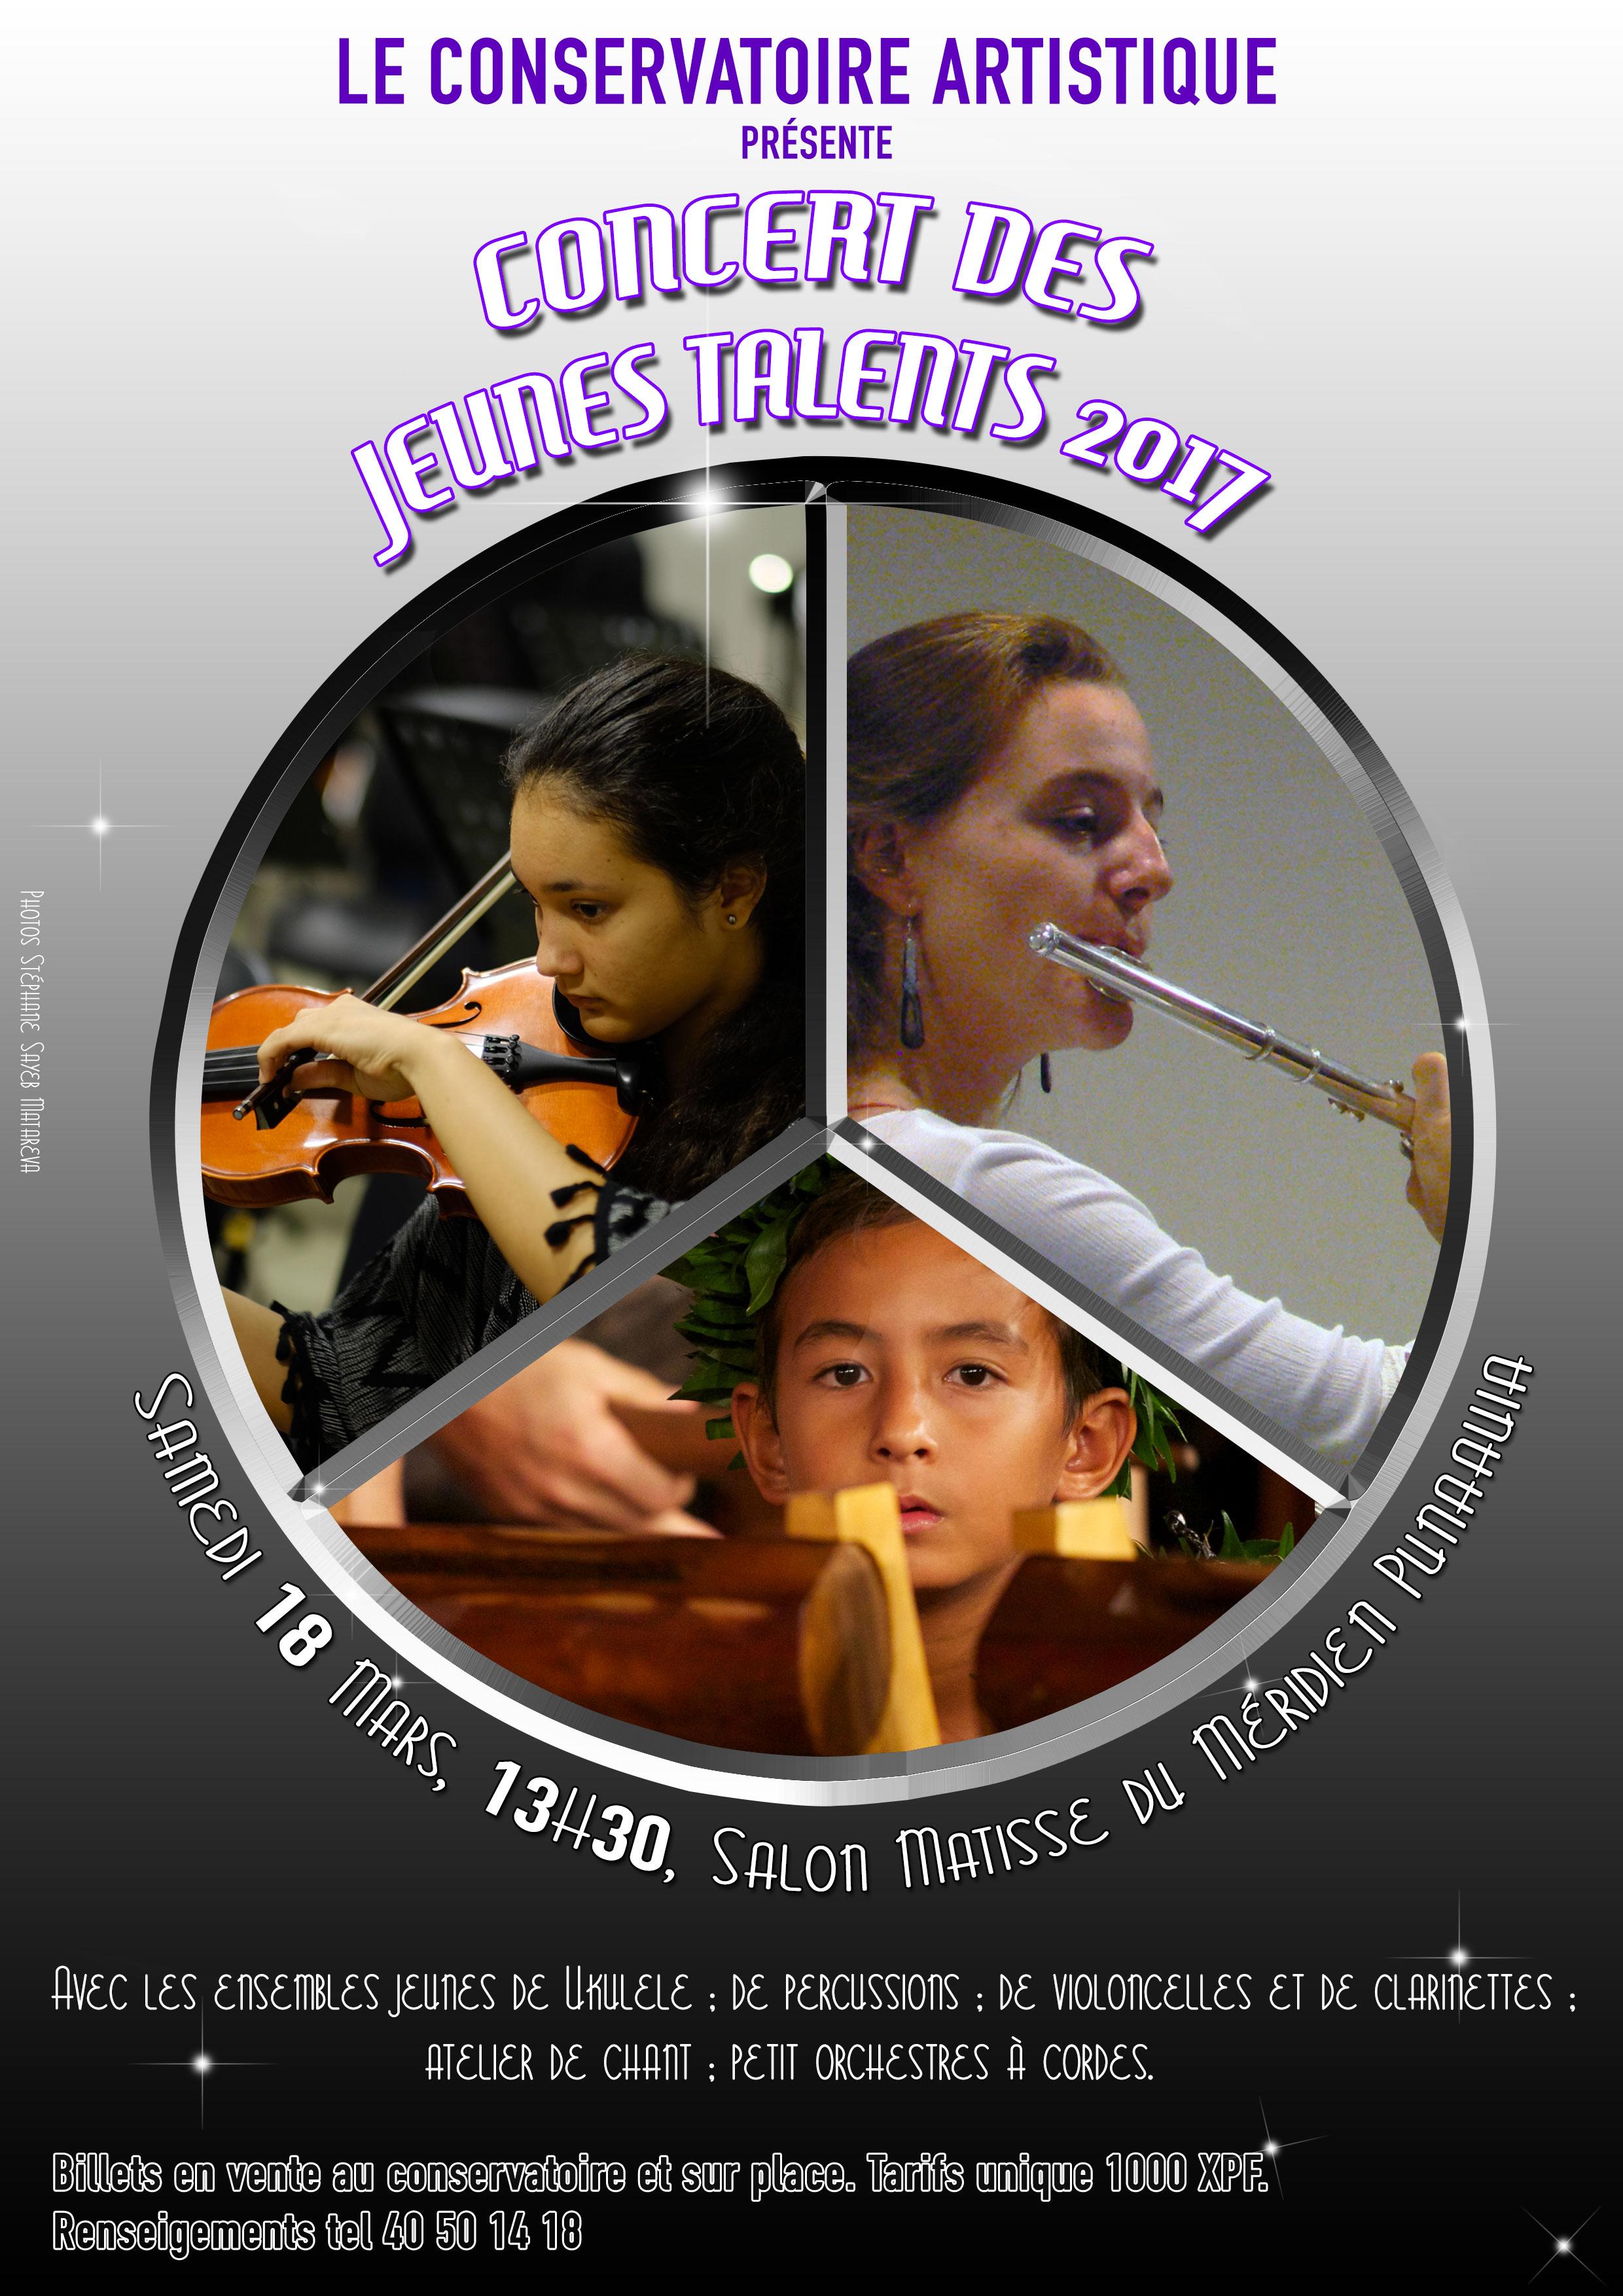 Jeunes talents et petits ensembles feront leurs premiers pas sur scène samedi